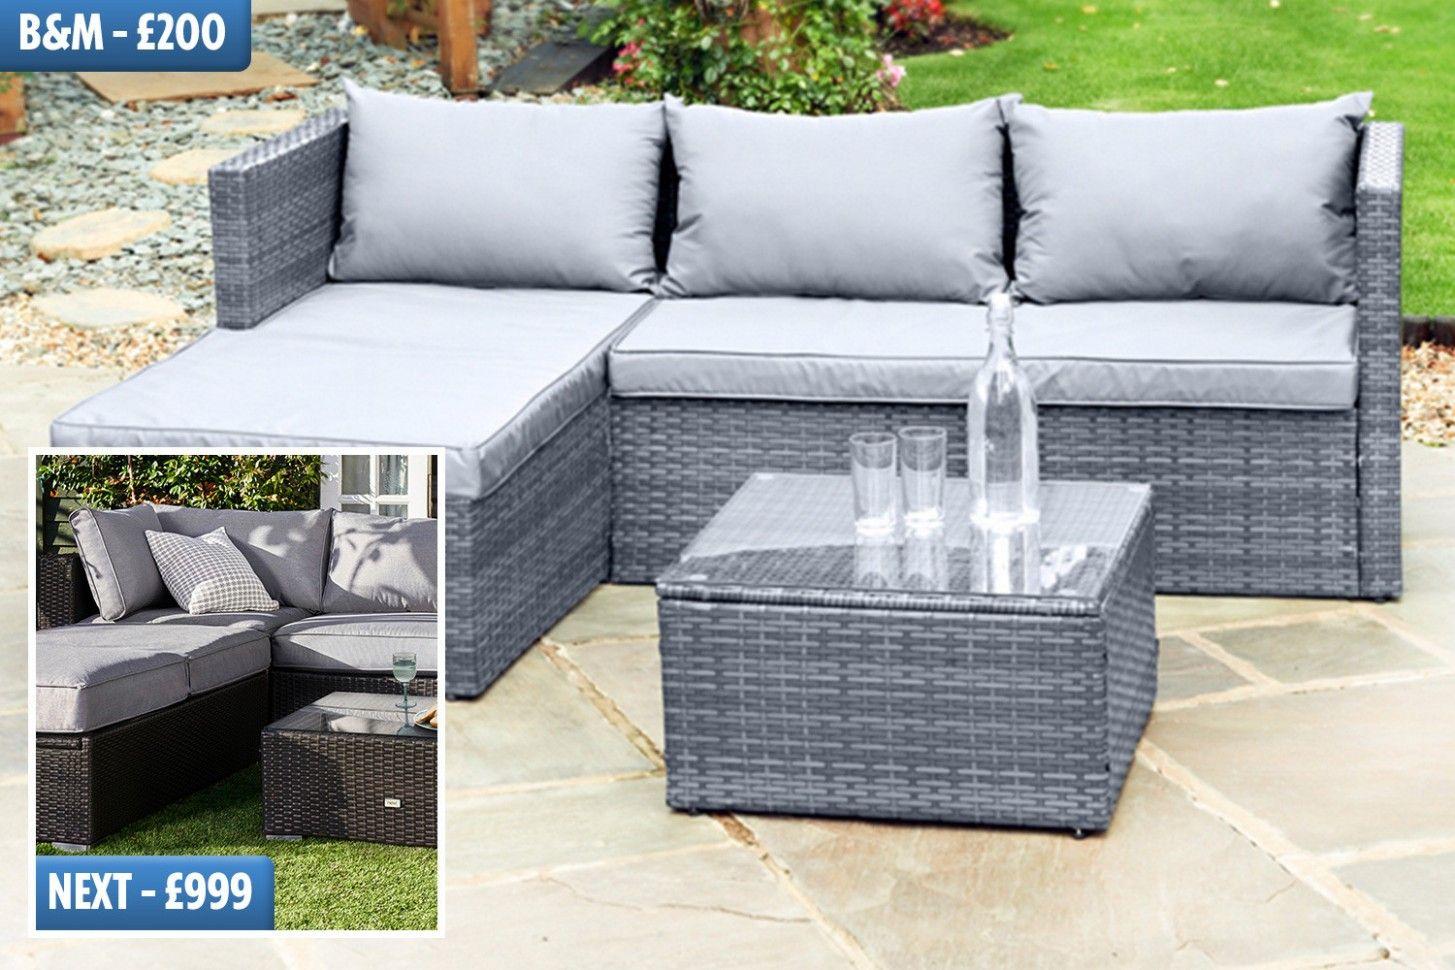 Garden Sofa The Range in 9  Cheap garden furniture, Rattan